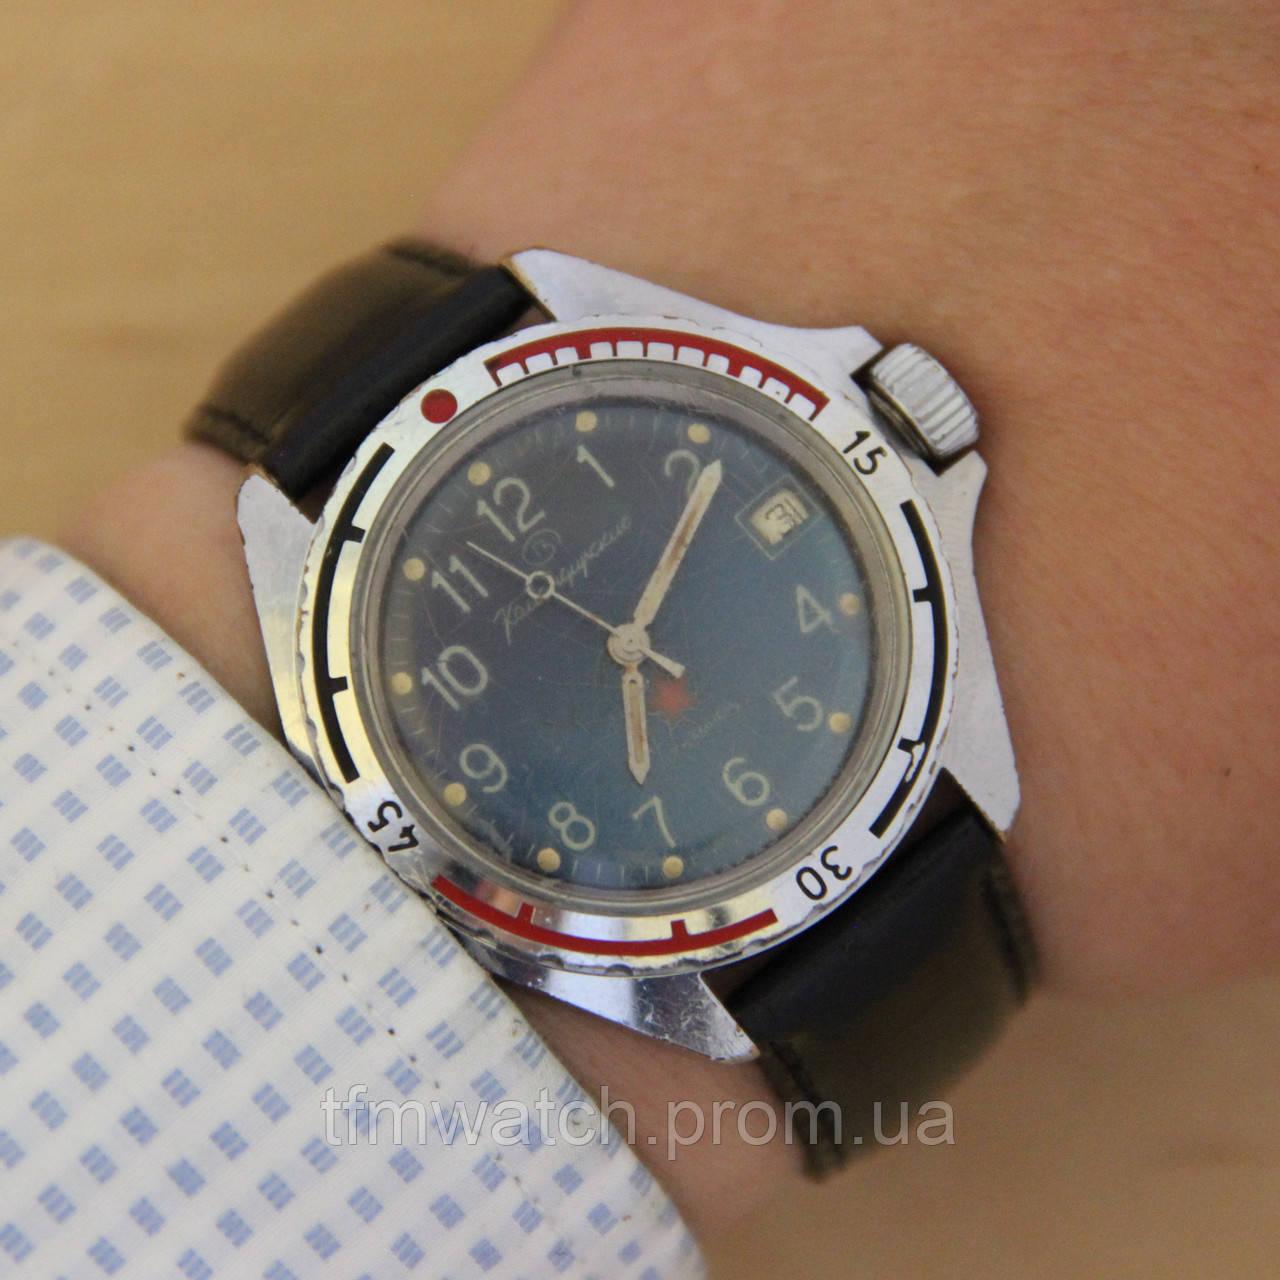 58f90d84c31d Командирские армейские механические часы СССР